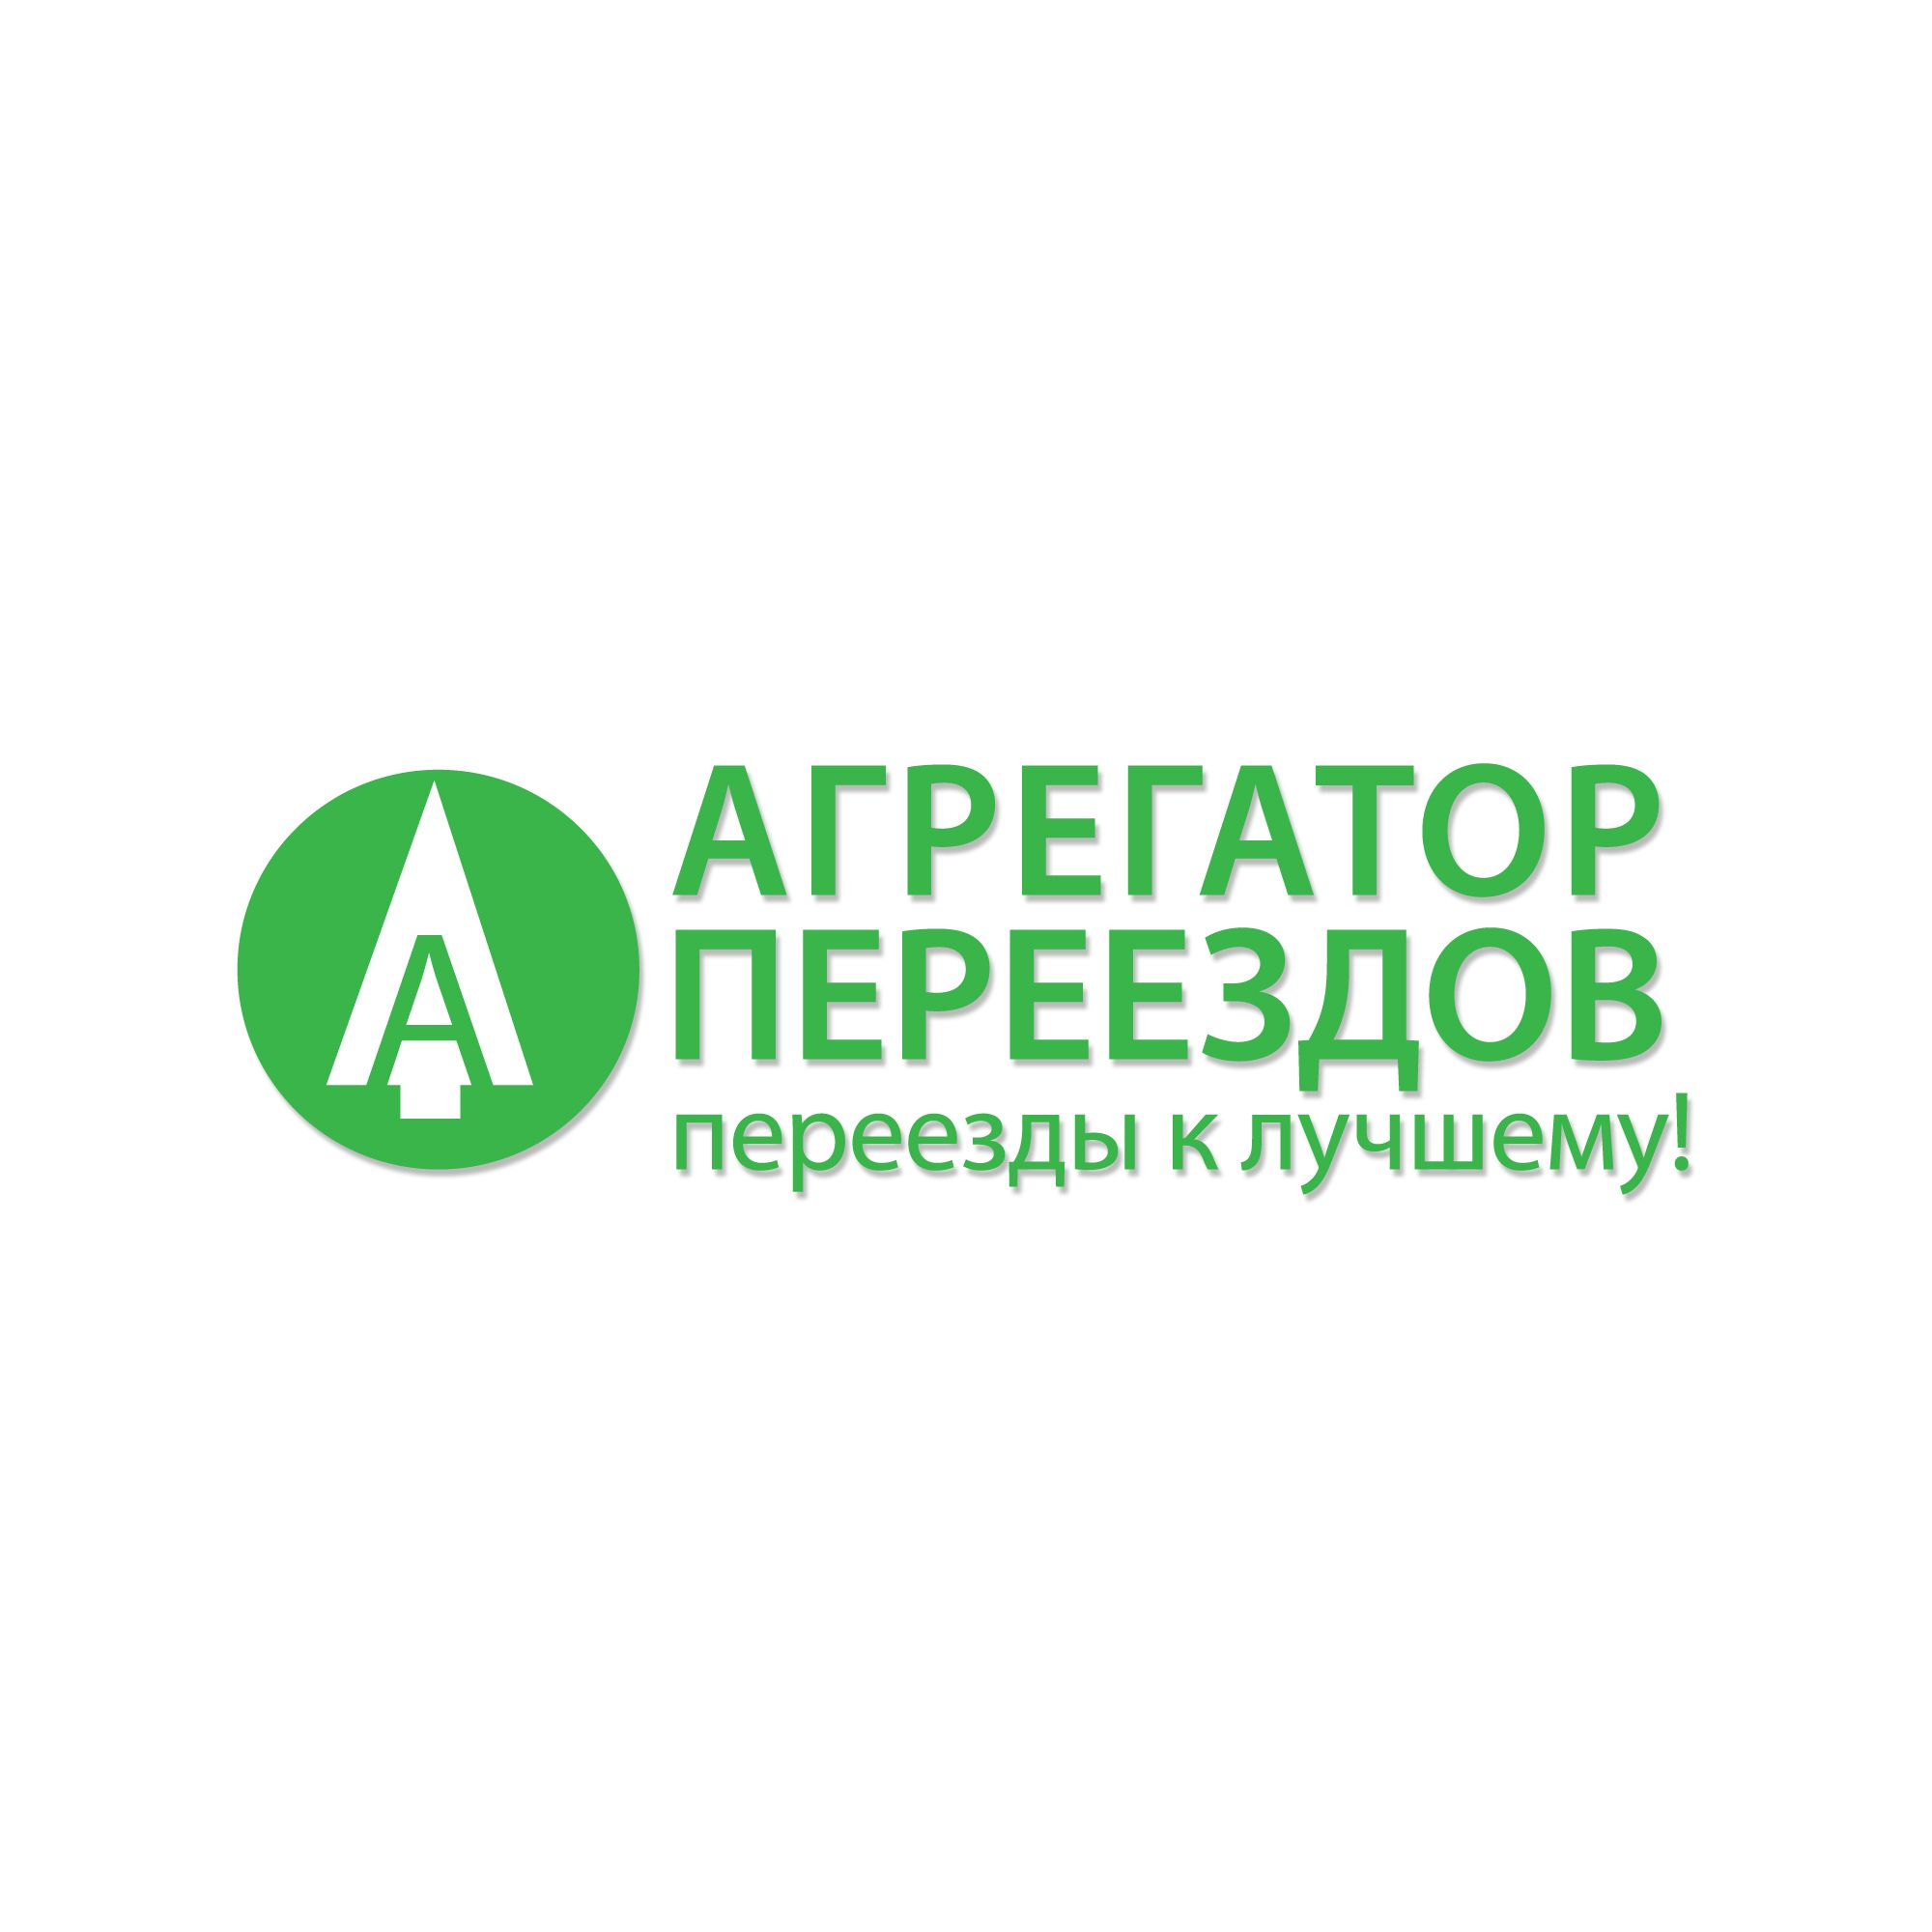 Логотип для компании Агрегатор переездов - дизайнер MEOW